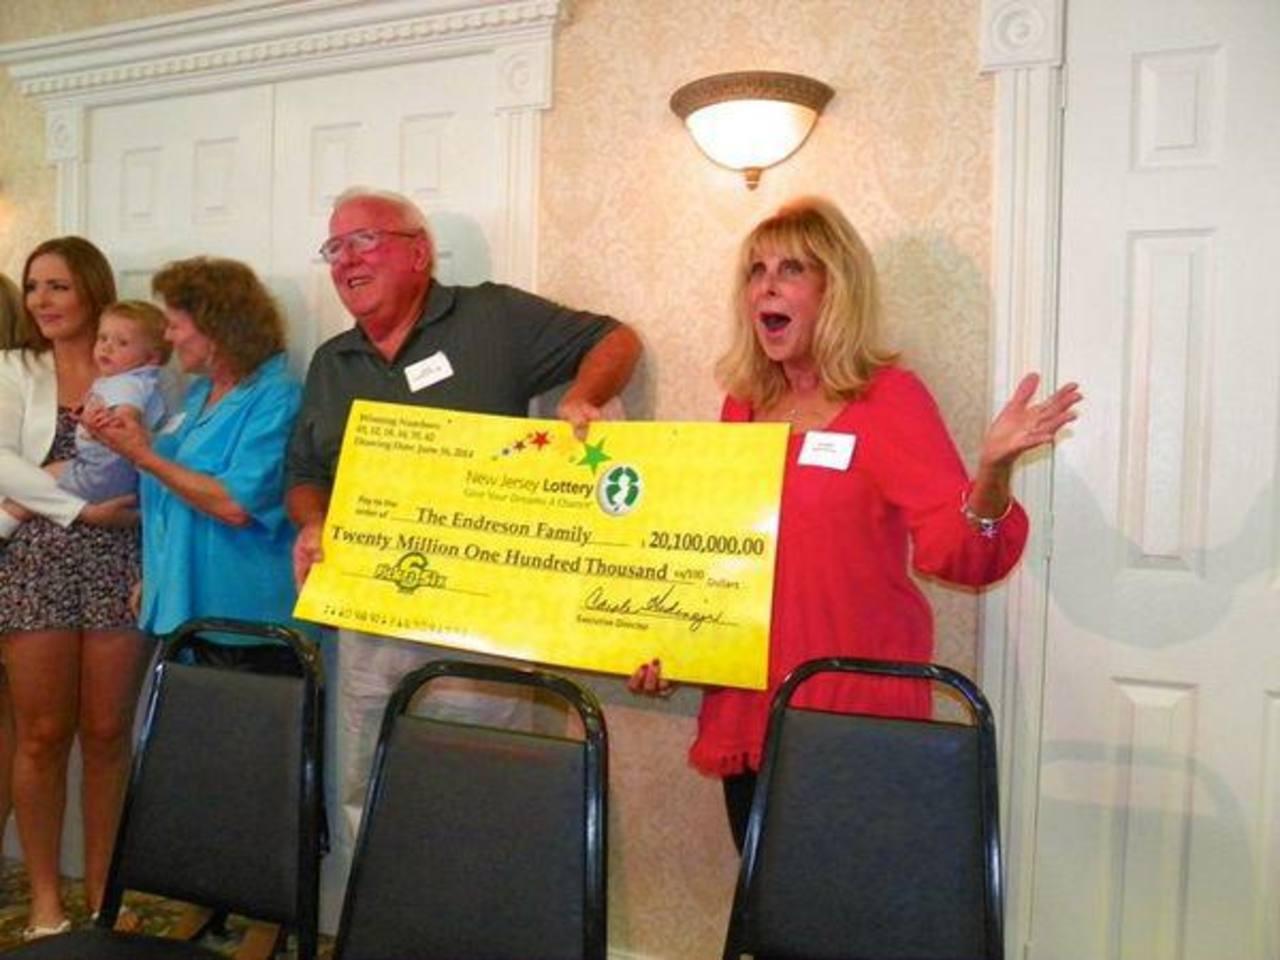 Premio de $20 millones en lotería gana numerosa familia estadounidense